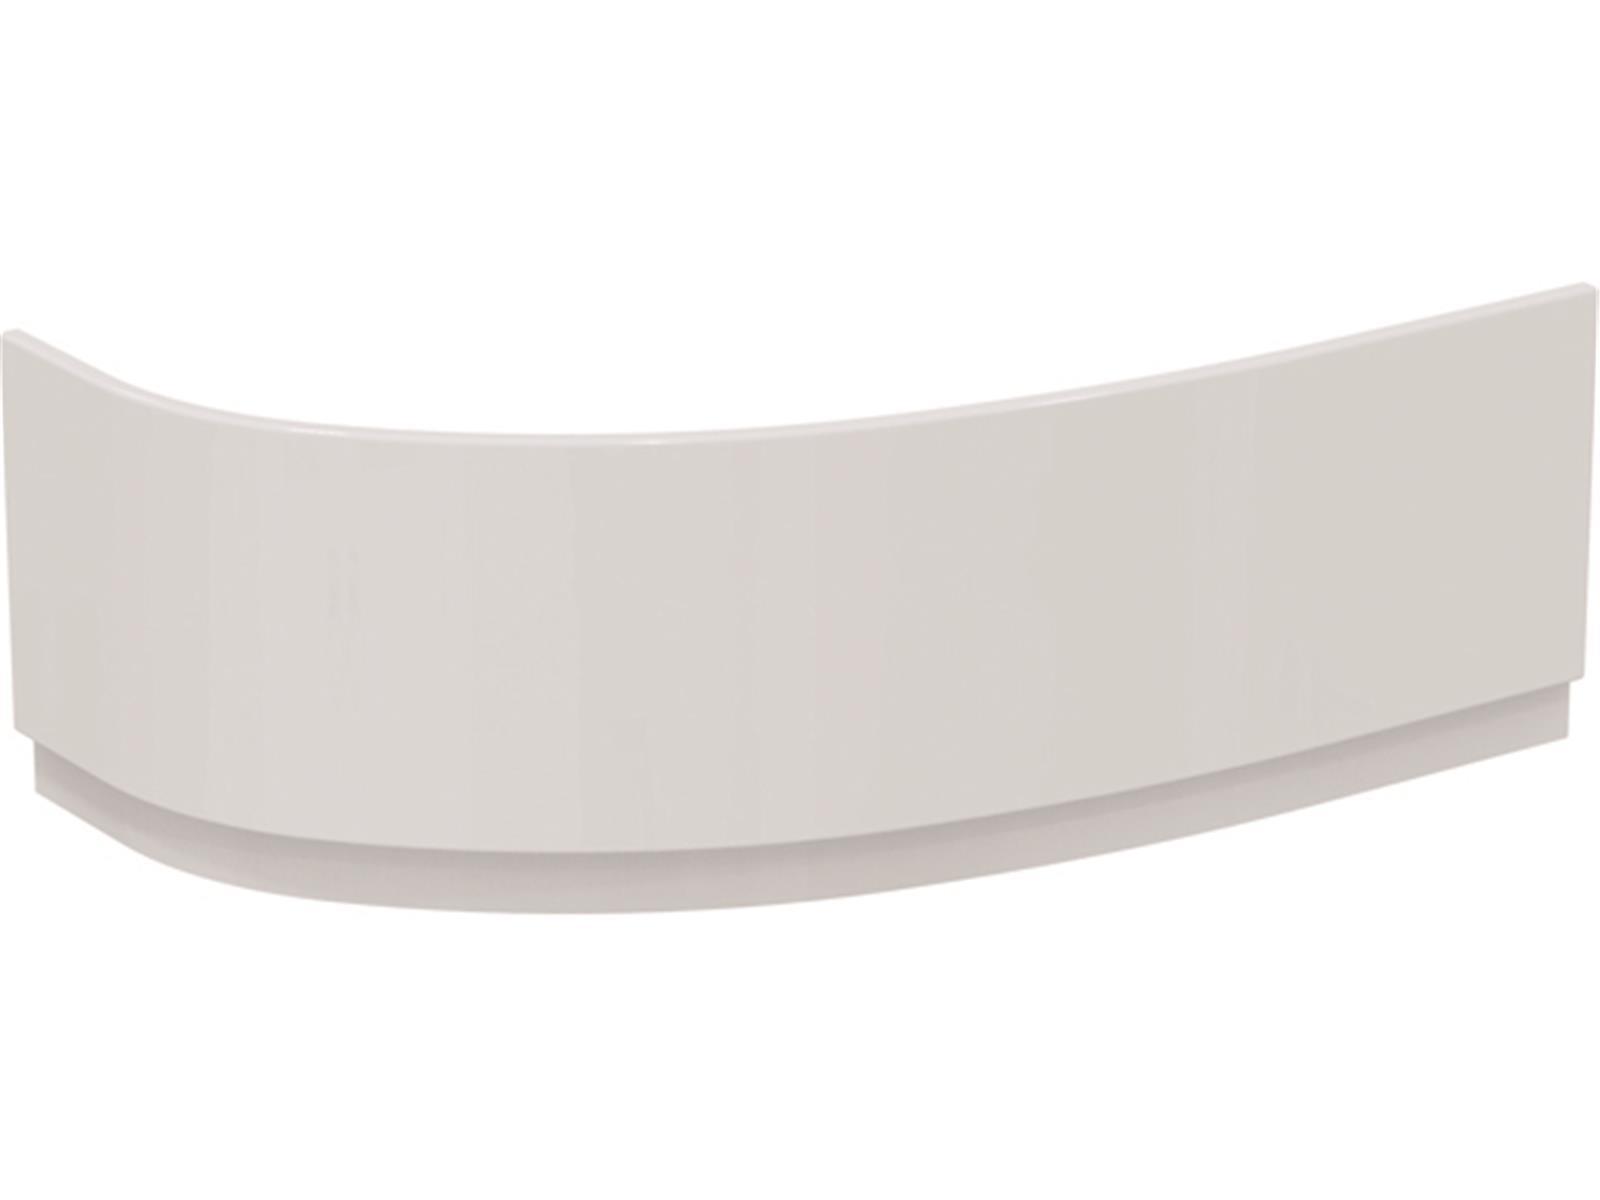 IS Acryl-Schürze Hotline Neu 1600mm asymmetrisch rechts Weiß